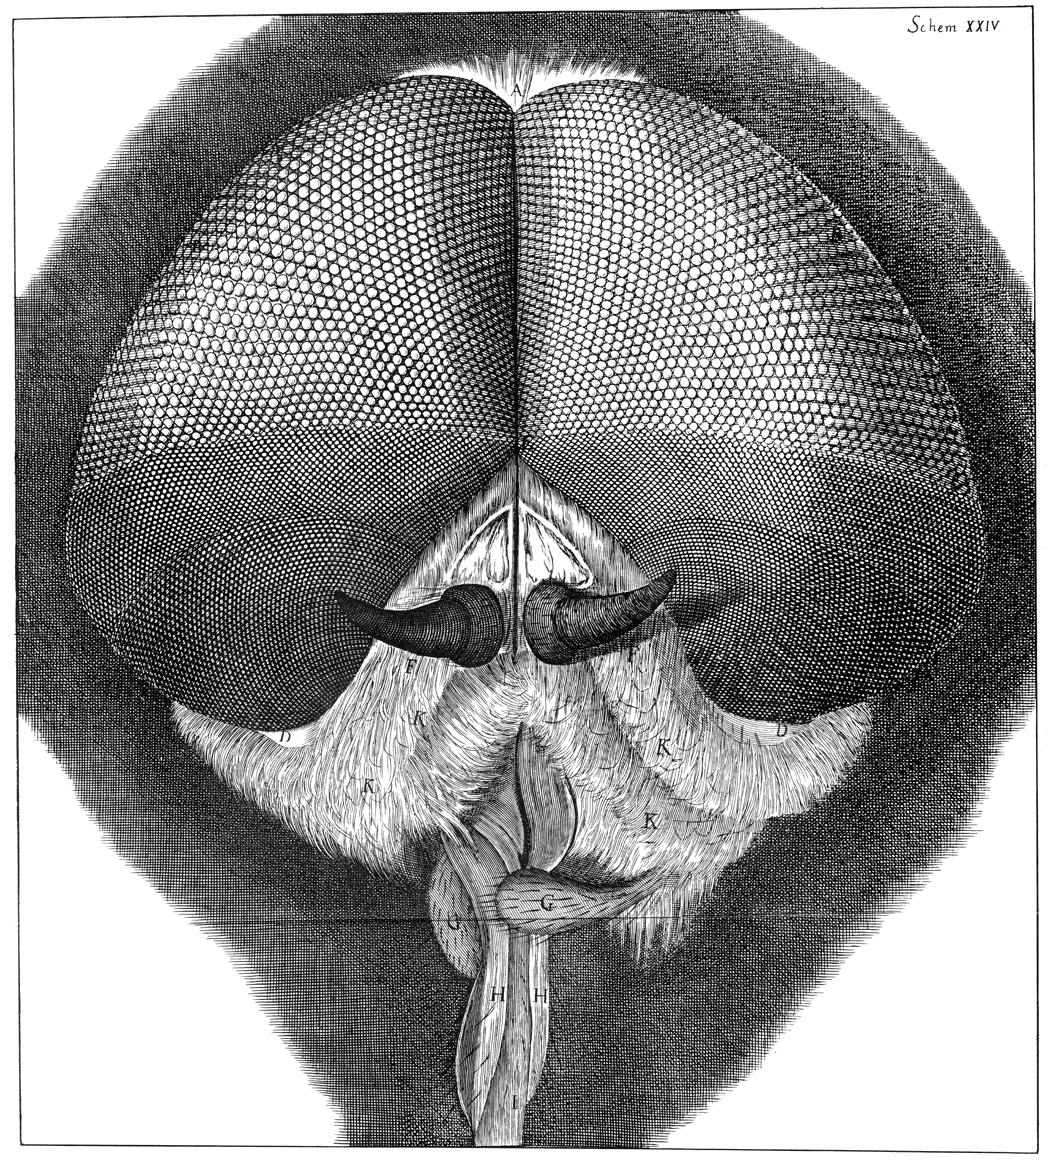 Robert Hooke, Facettenaugen (Foto: Robert Hooke/ Wikimdia)